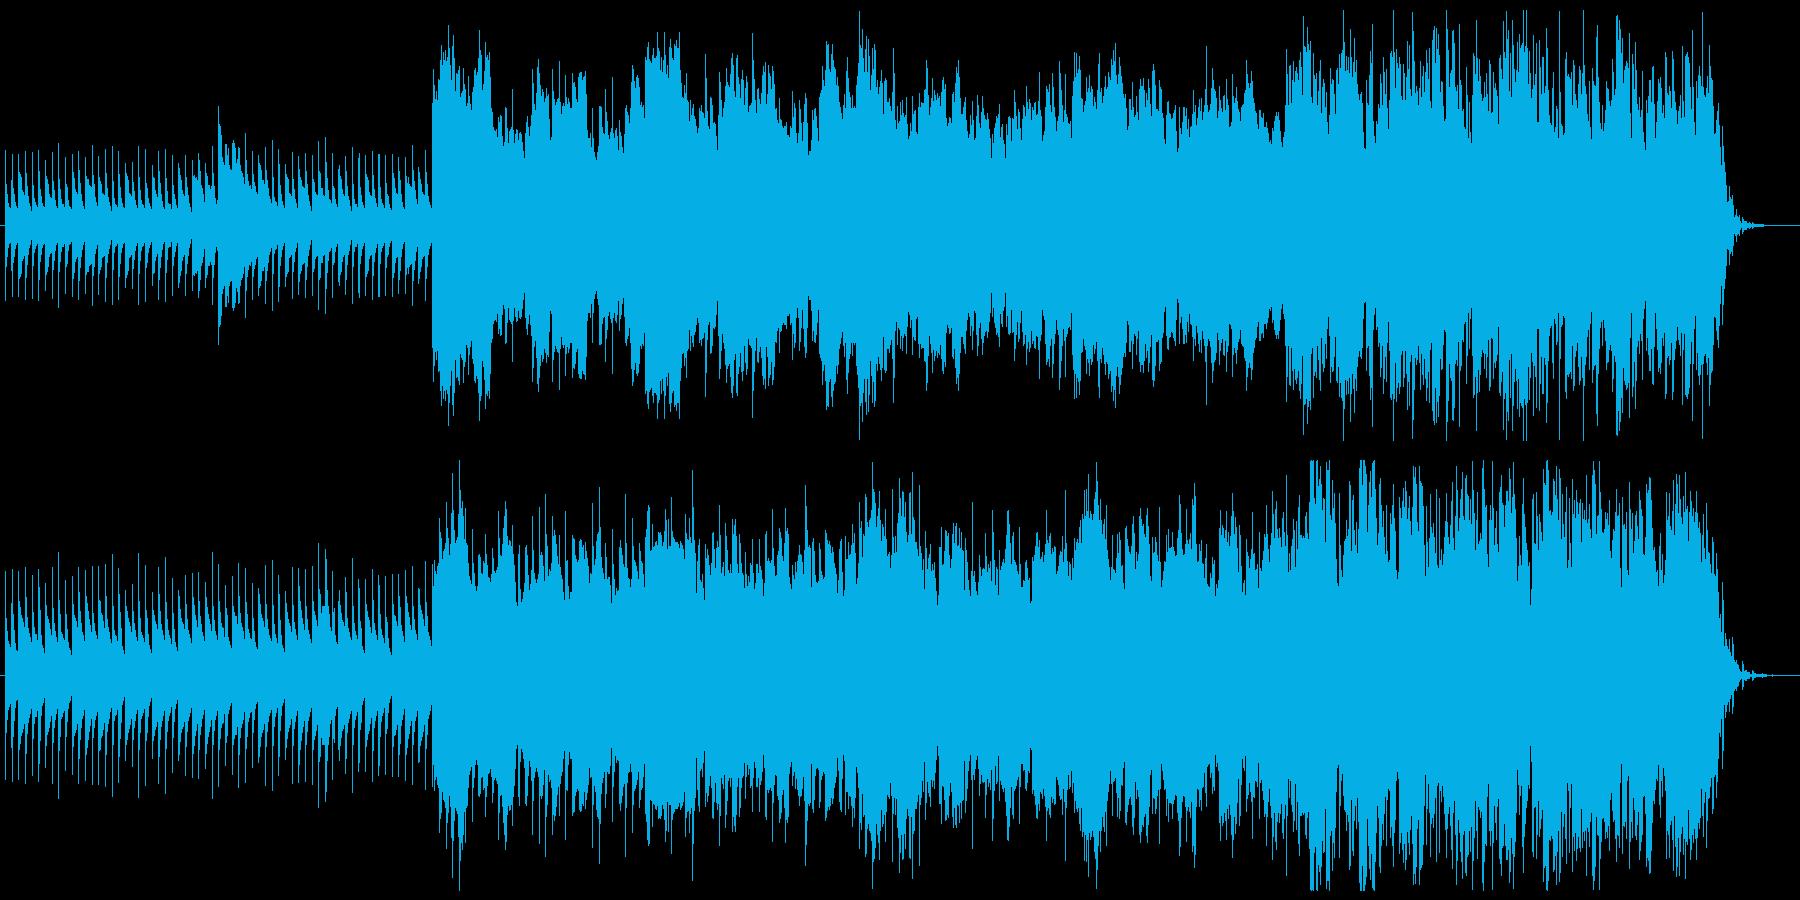 フレーズが頭に残る不気味で怪しげなBGMの再生済みの波形